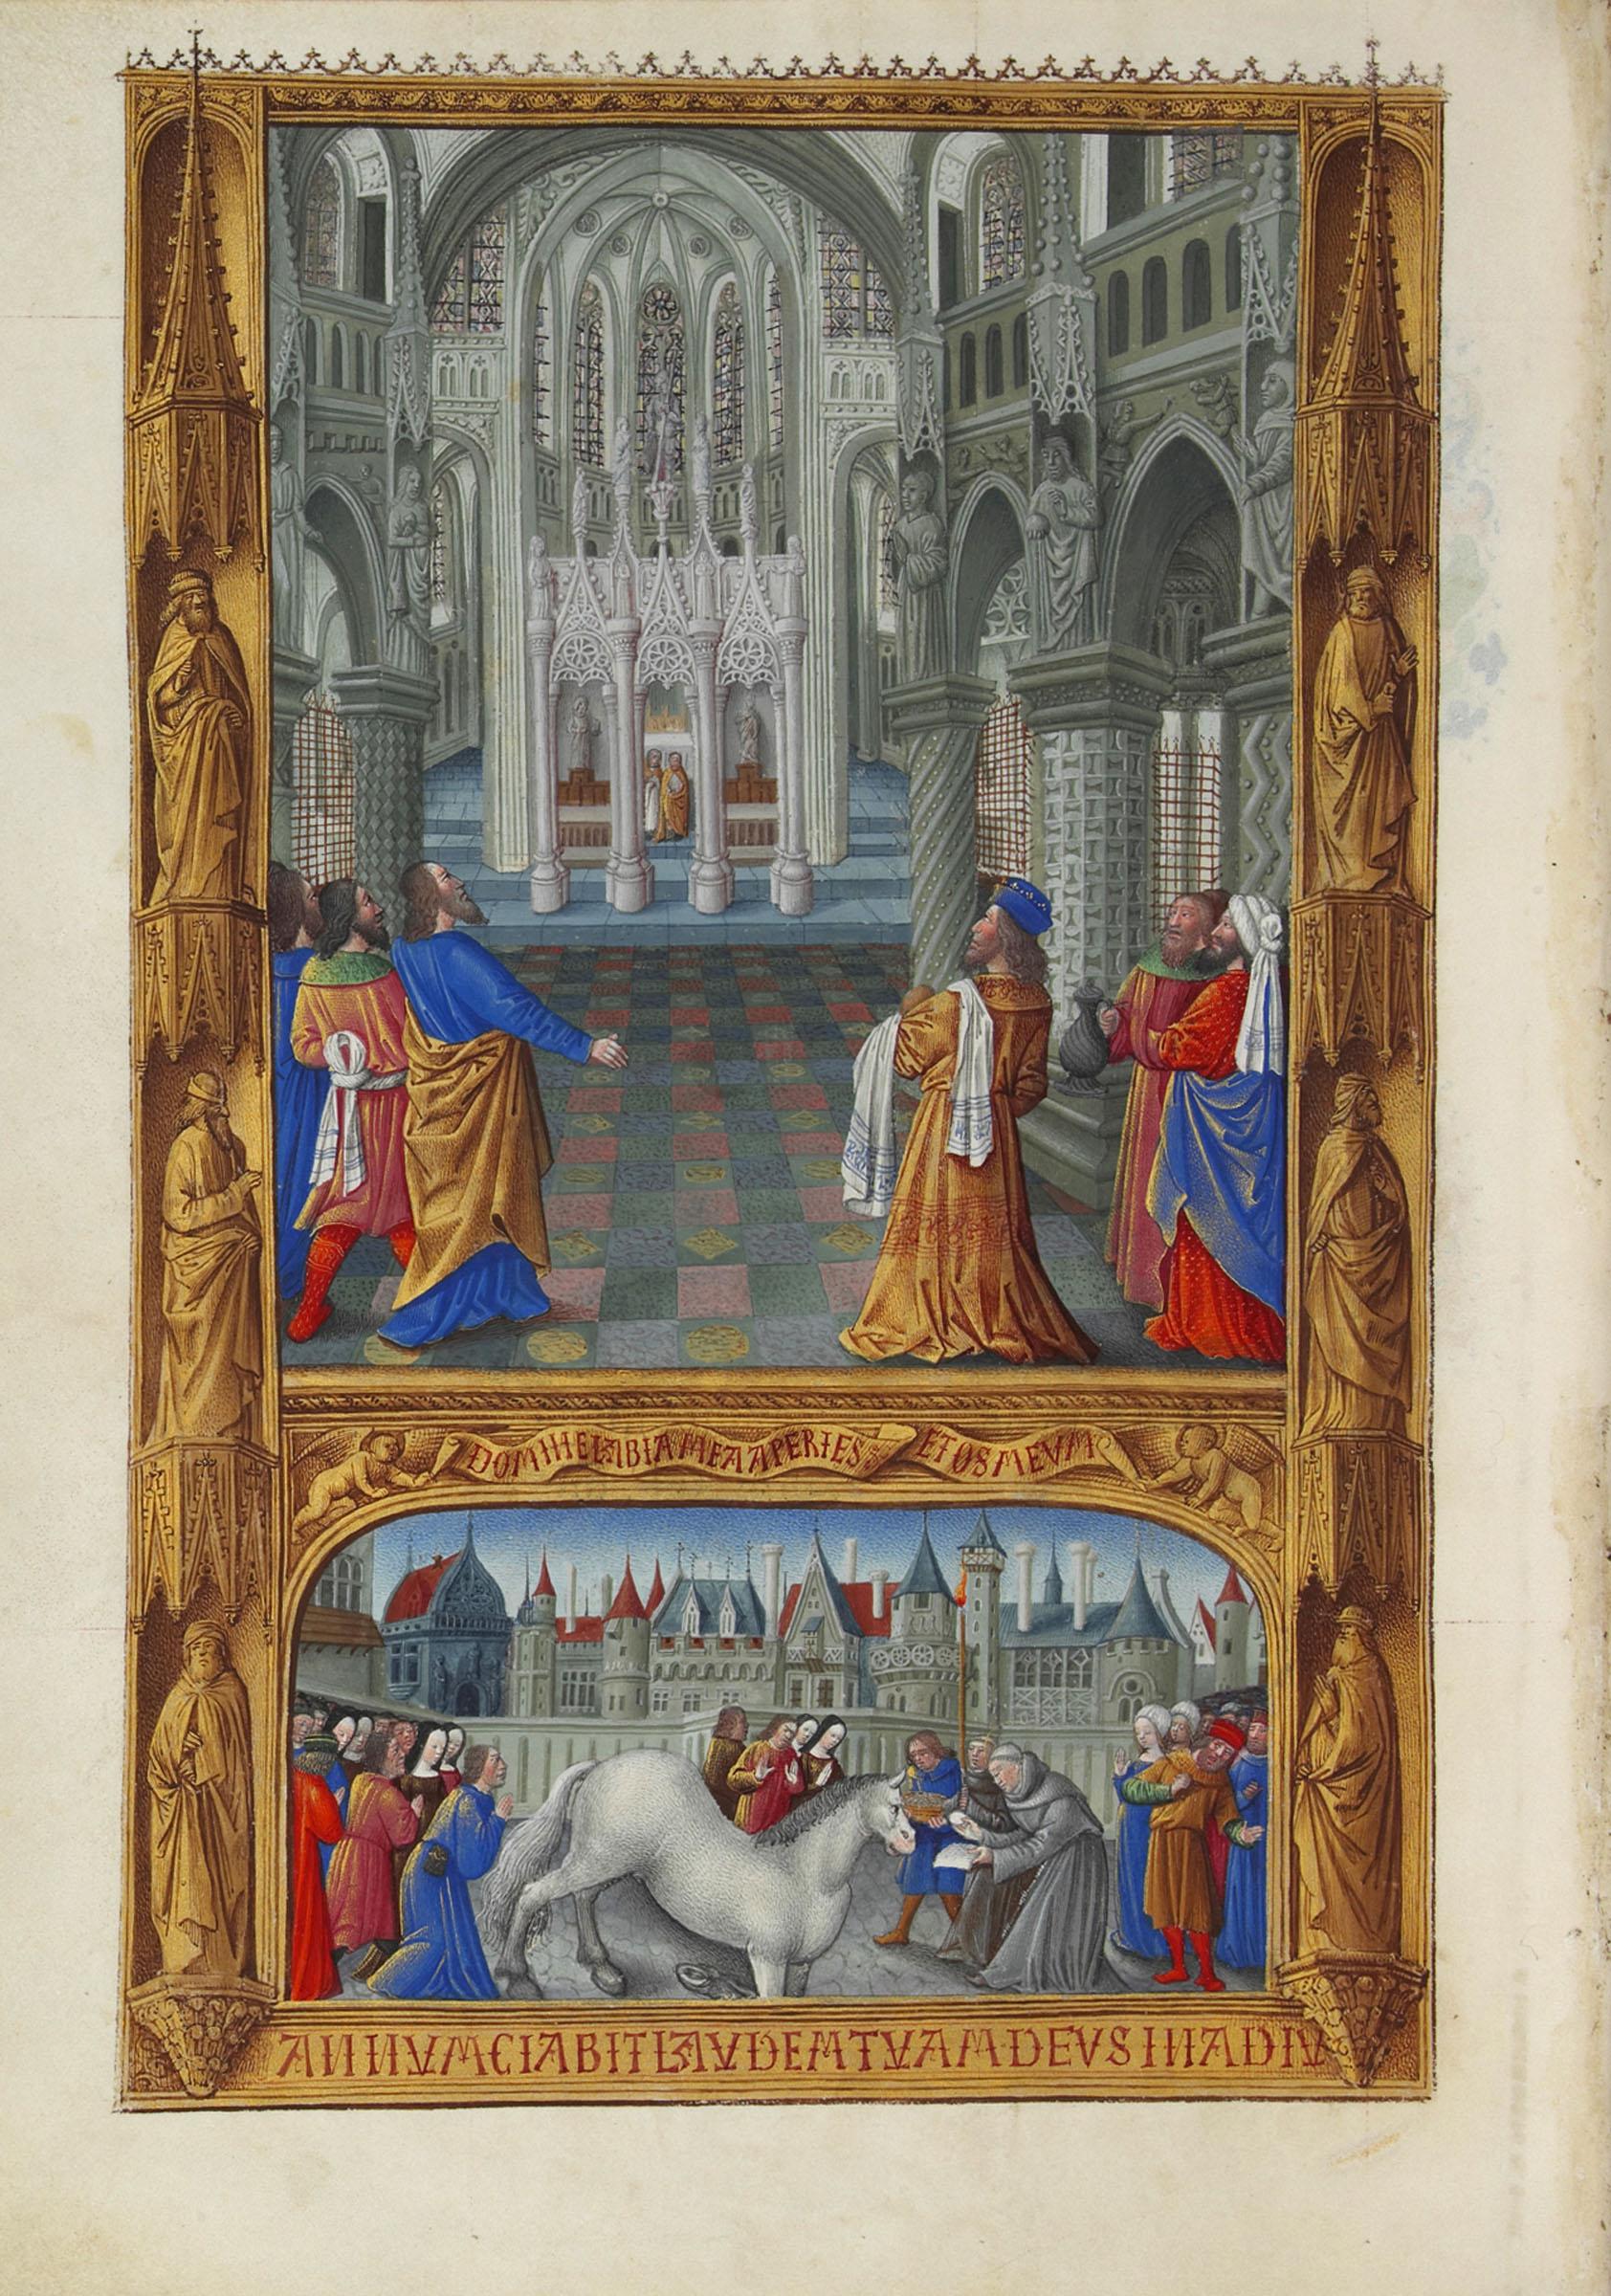 1485-86-Jean-colombe-Tres-riches-heures-du-duc-de-Berry-Le-Saint-Sacrement-fol-129v-